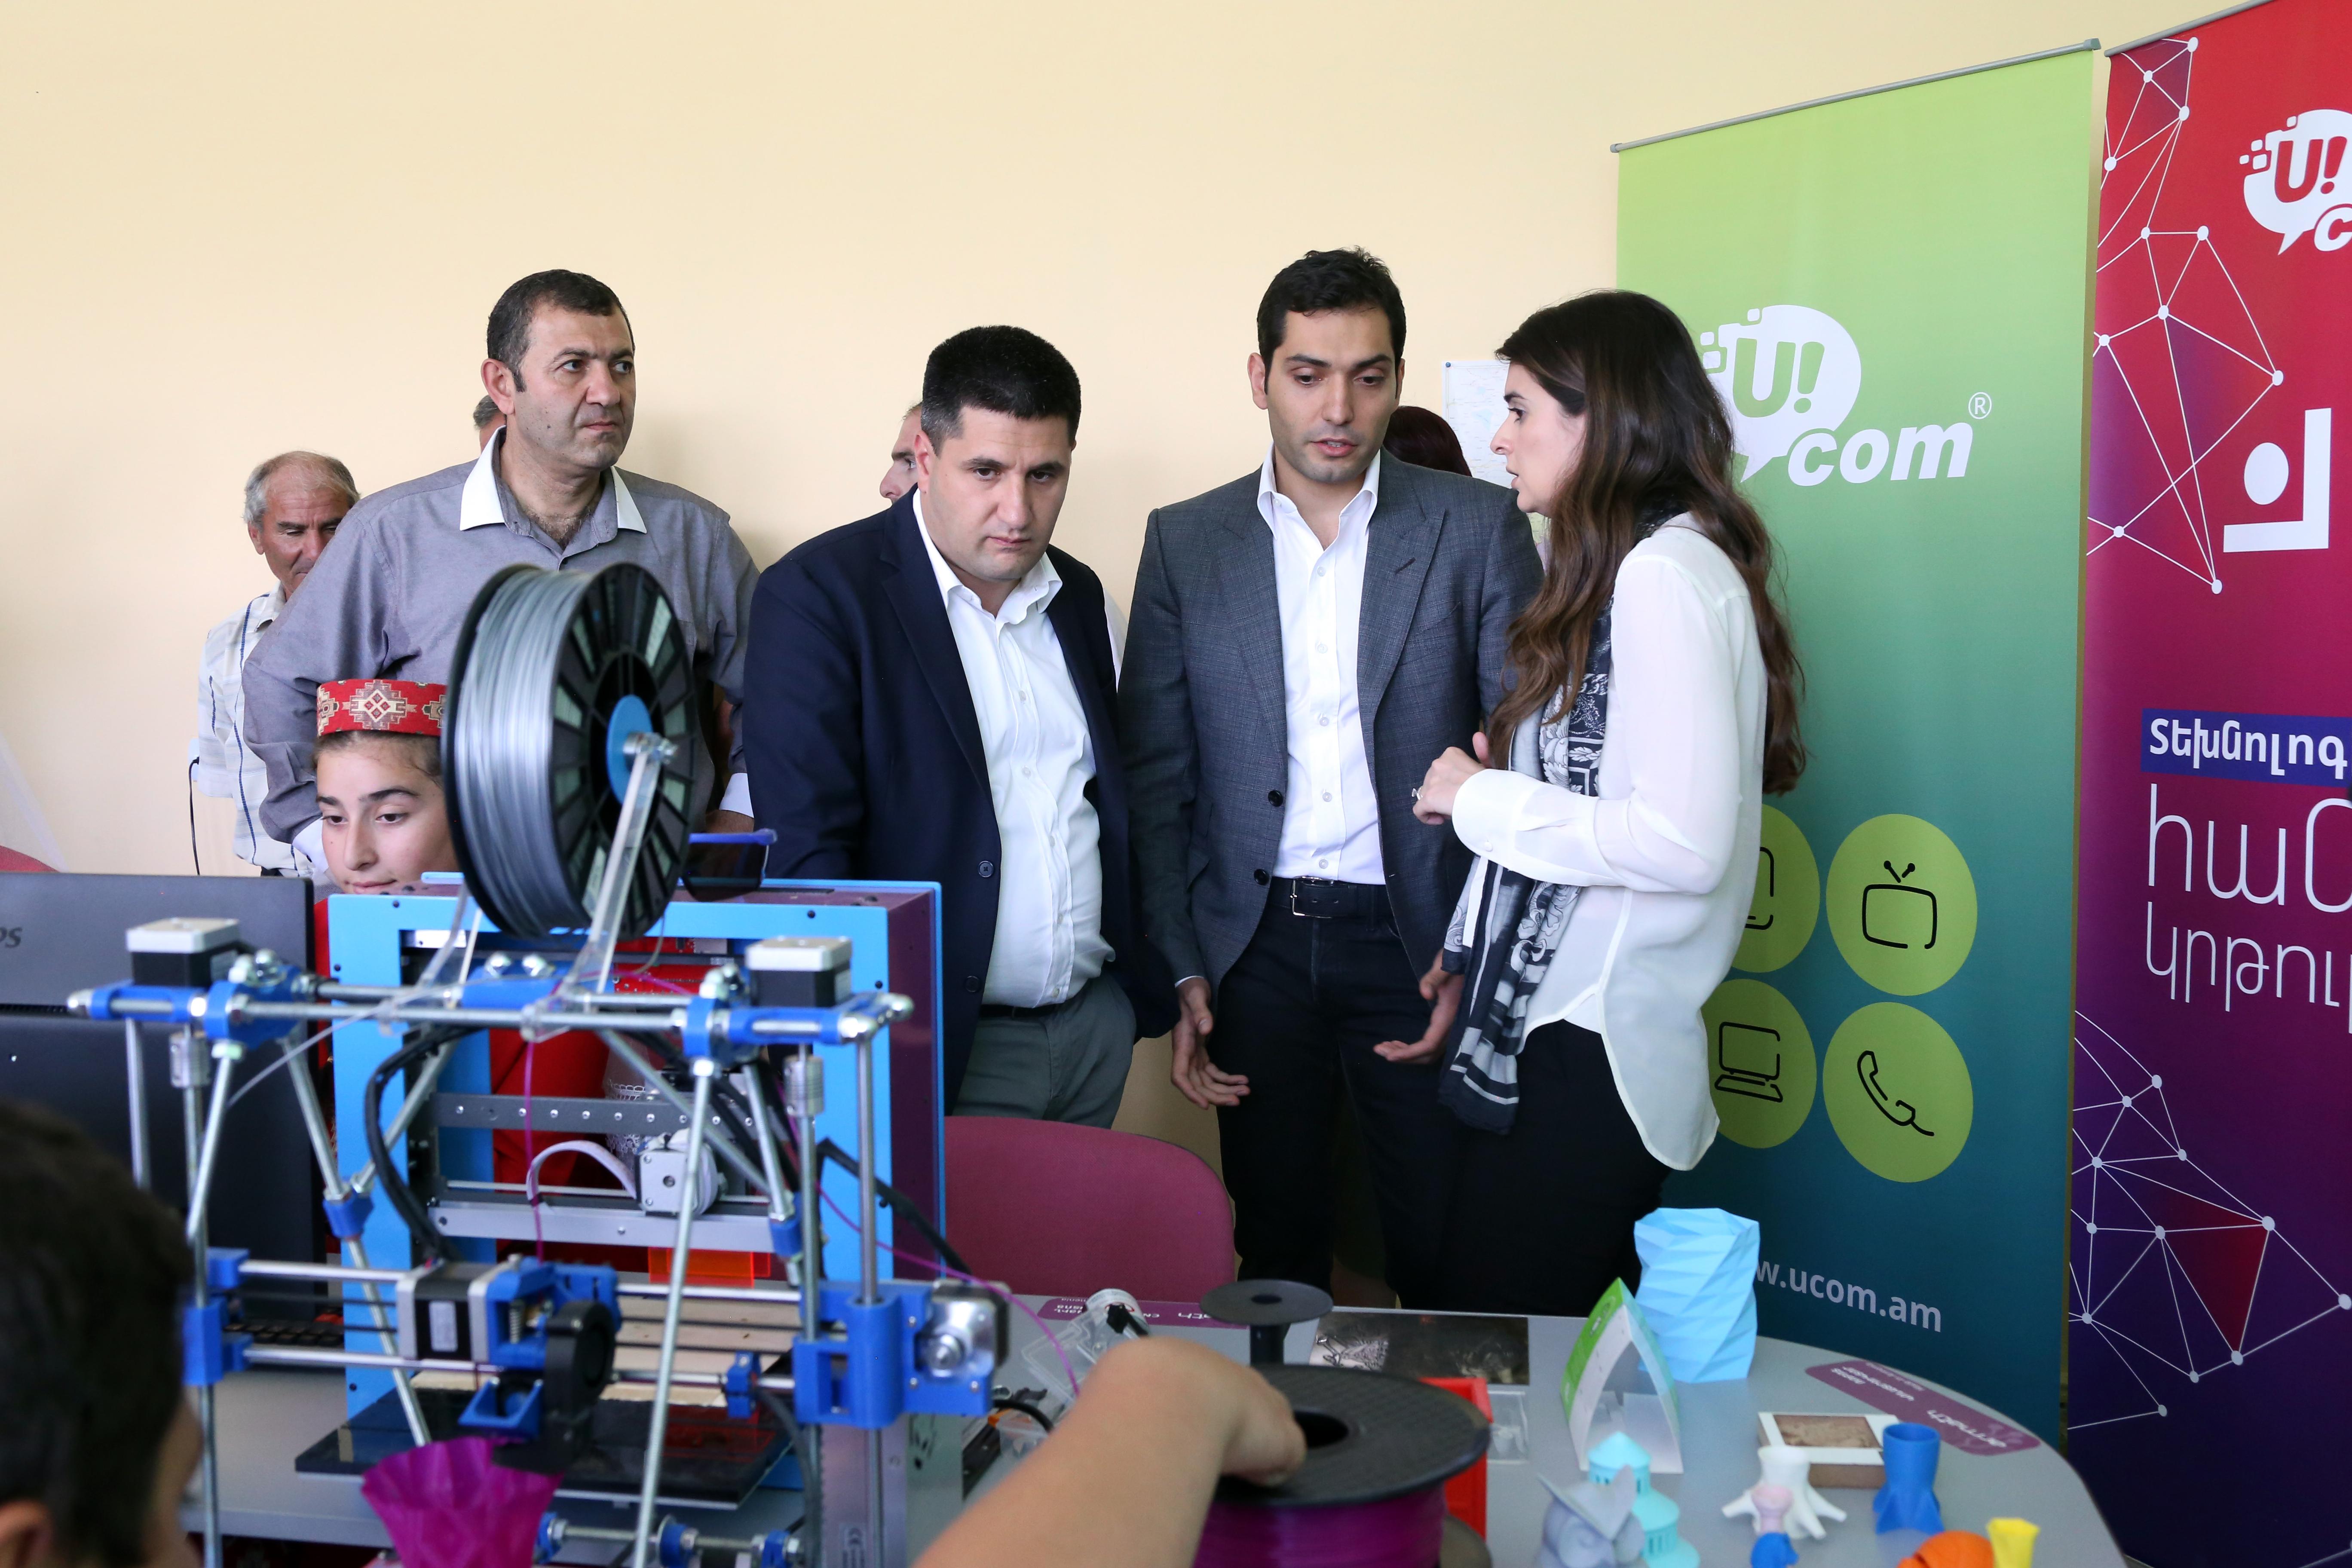 Благодаря сотрудничеству между компаниями Ucom и Teach for Armenia в школе Багарана будет действовать инженерная лаборатория «Армат»